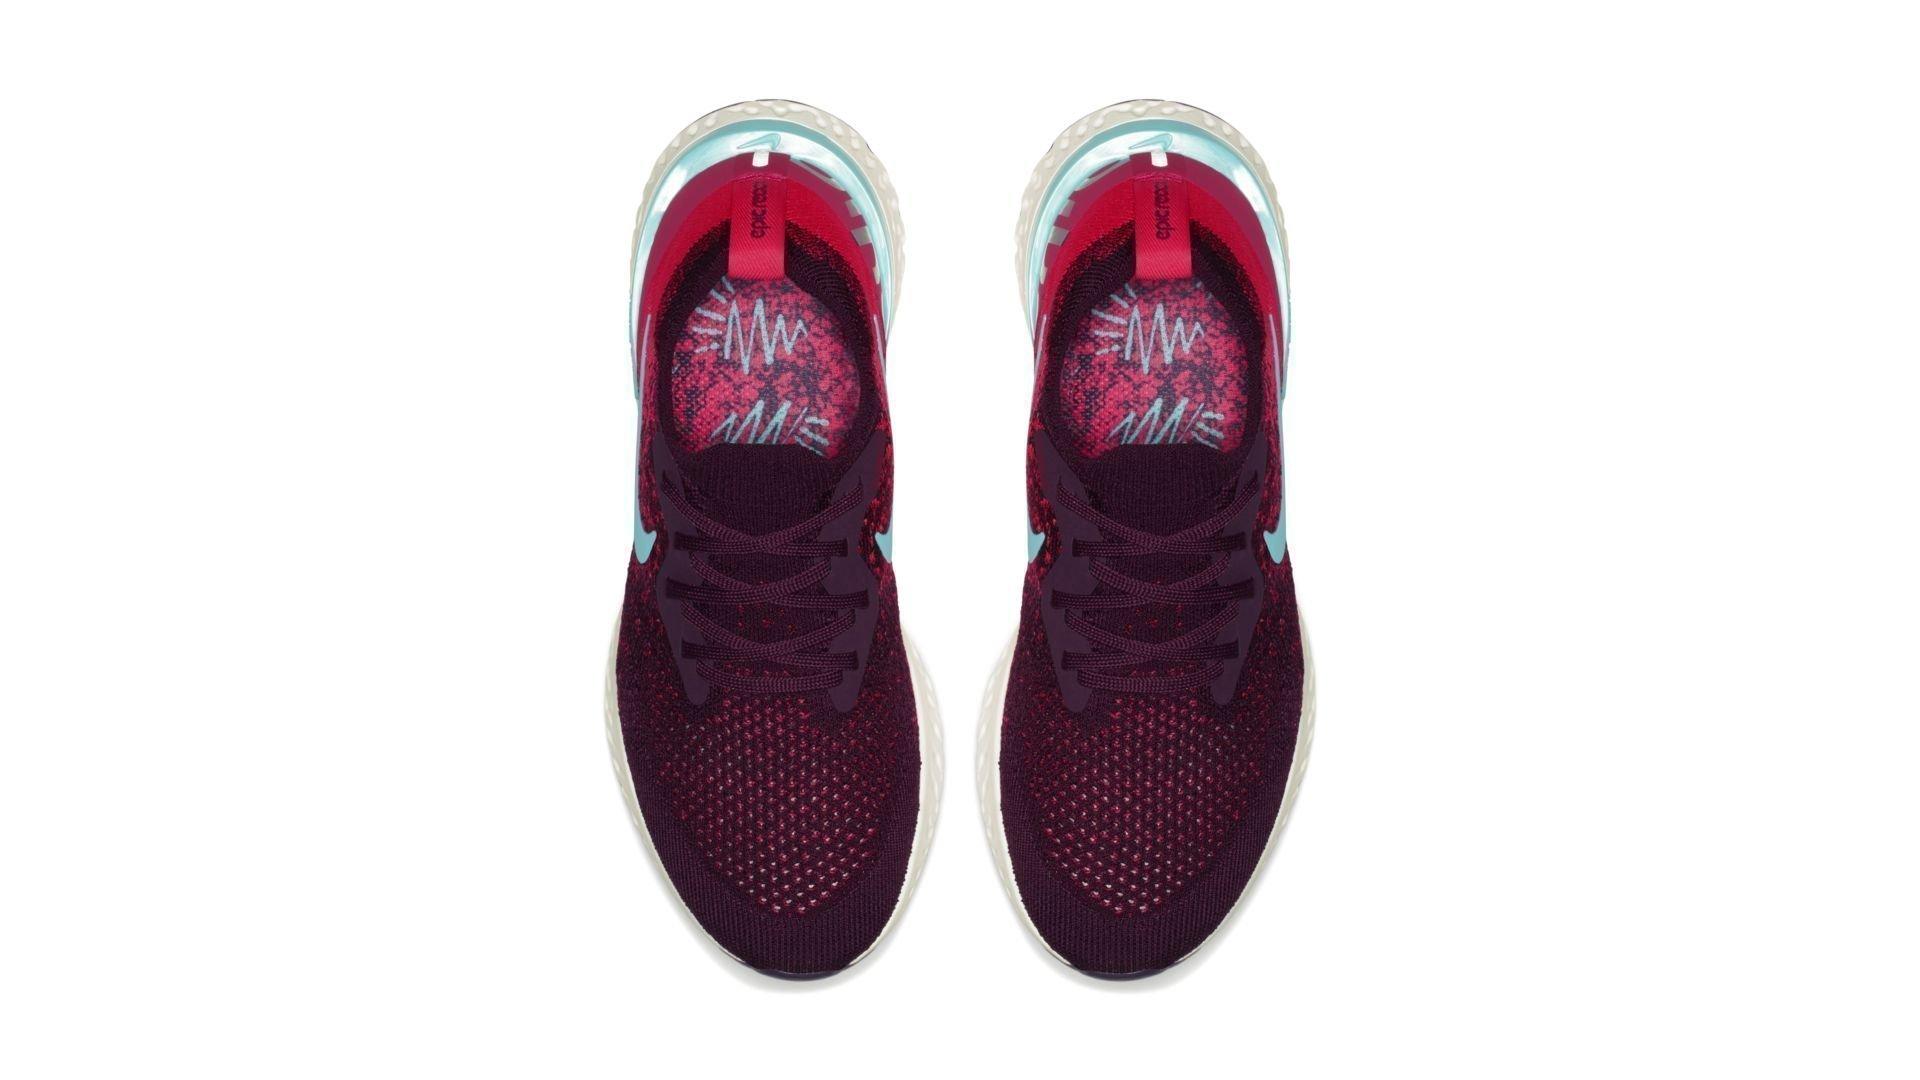 Nike Epic React Flyknit Bordeaux Hyper Jade (W) (AR5518-600)